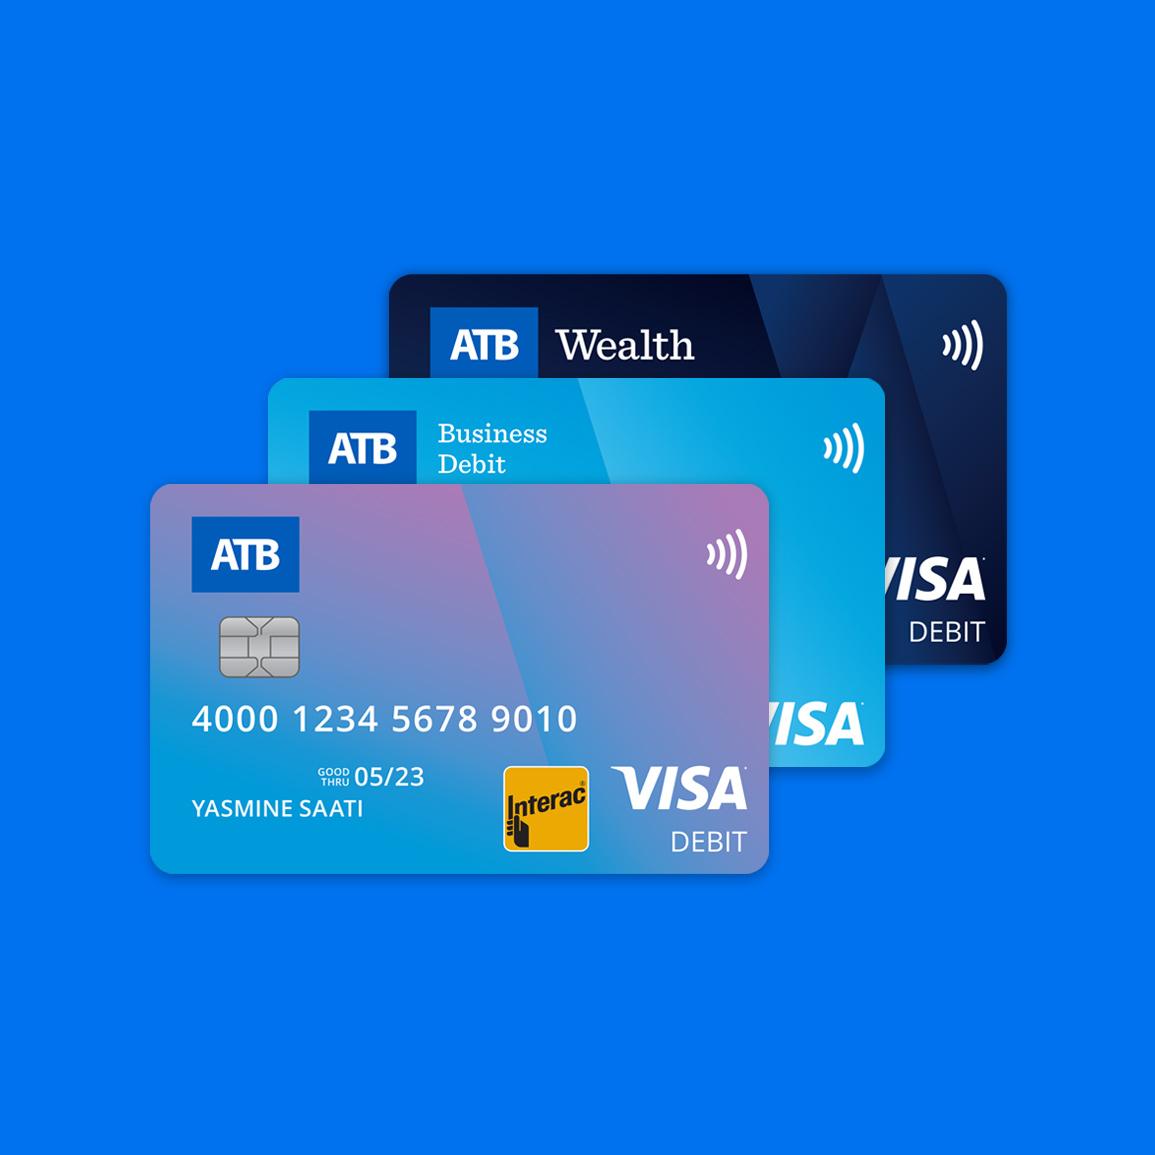 Visa Debit enabled ATB Debit card ATB Financial